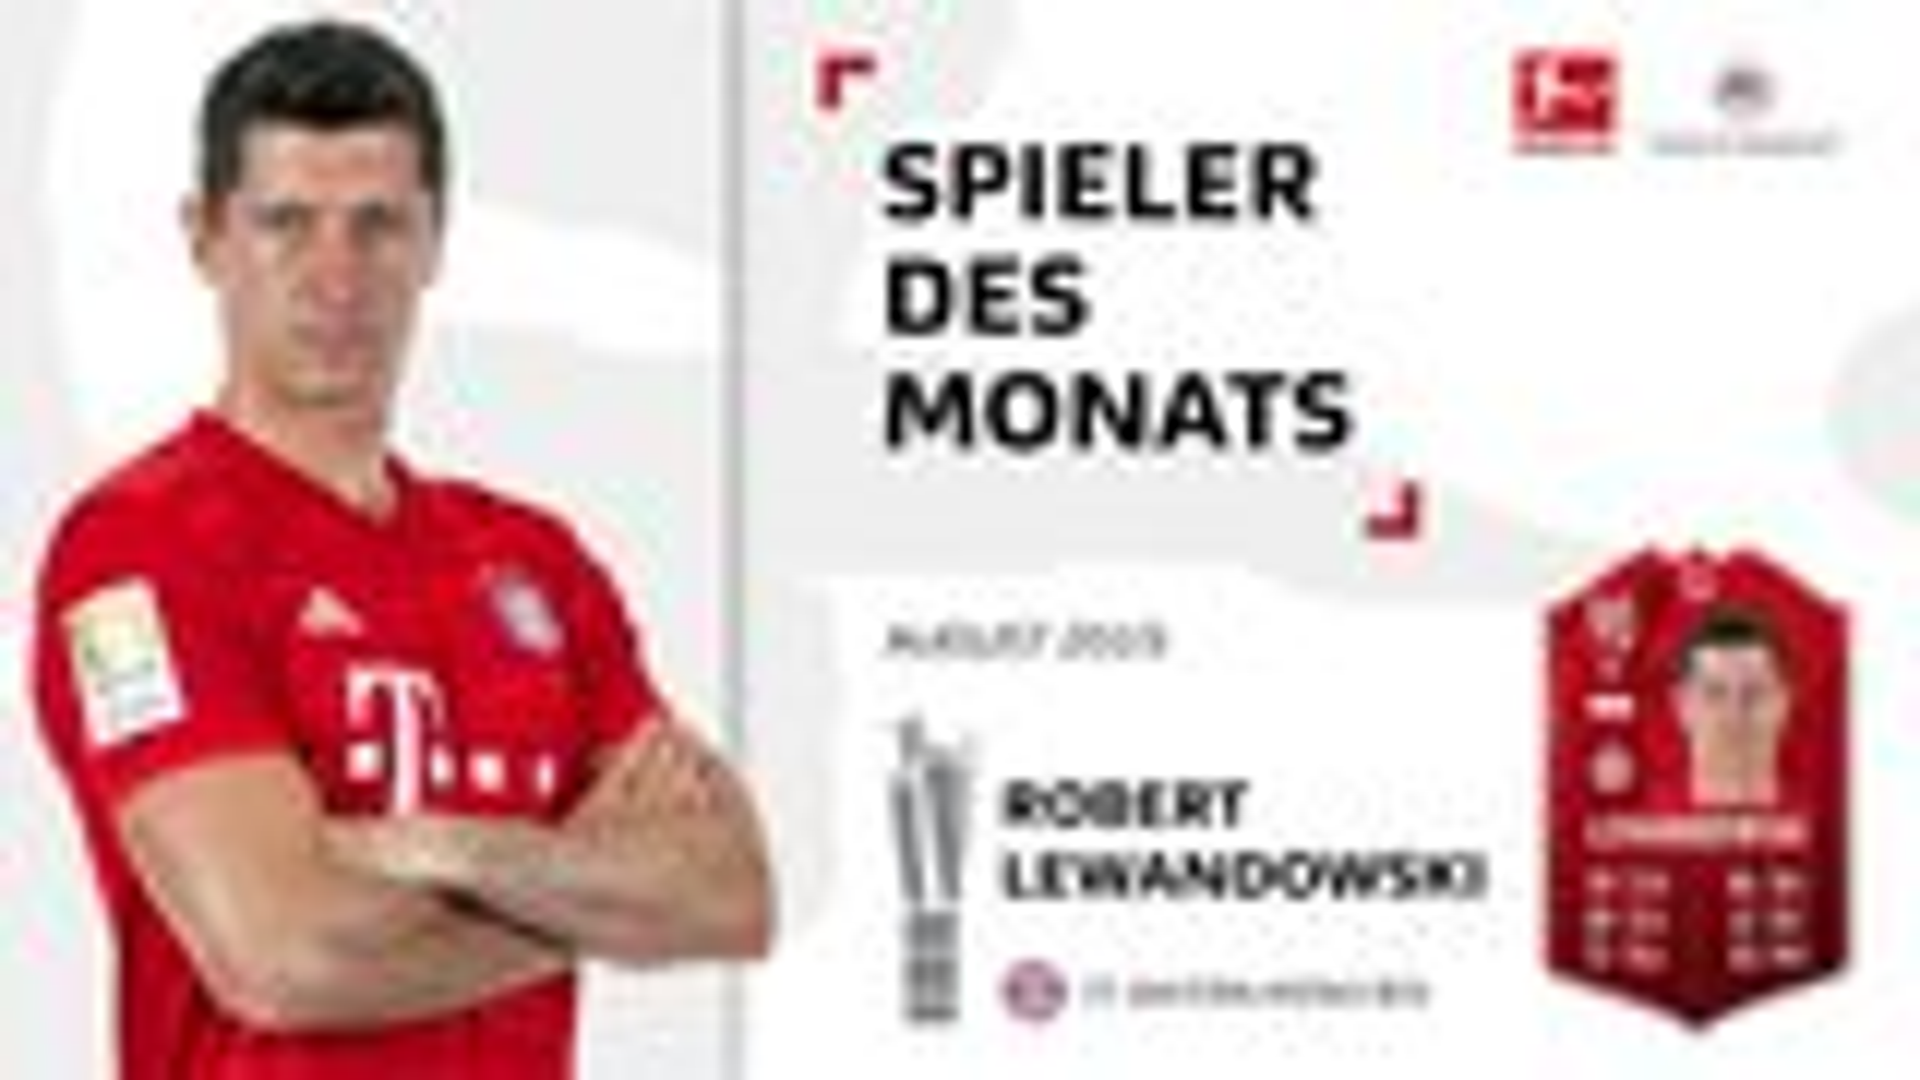 Robert Lewandowski ist Spieler des Monats August